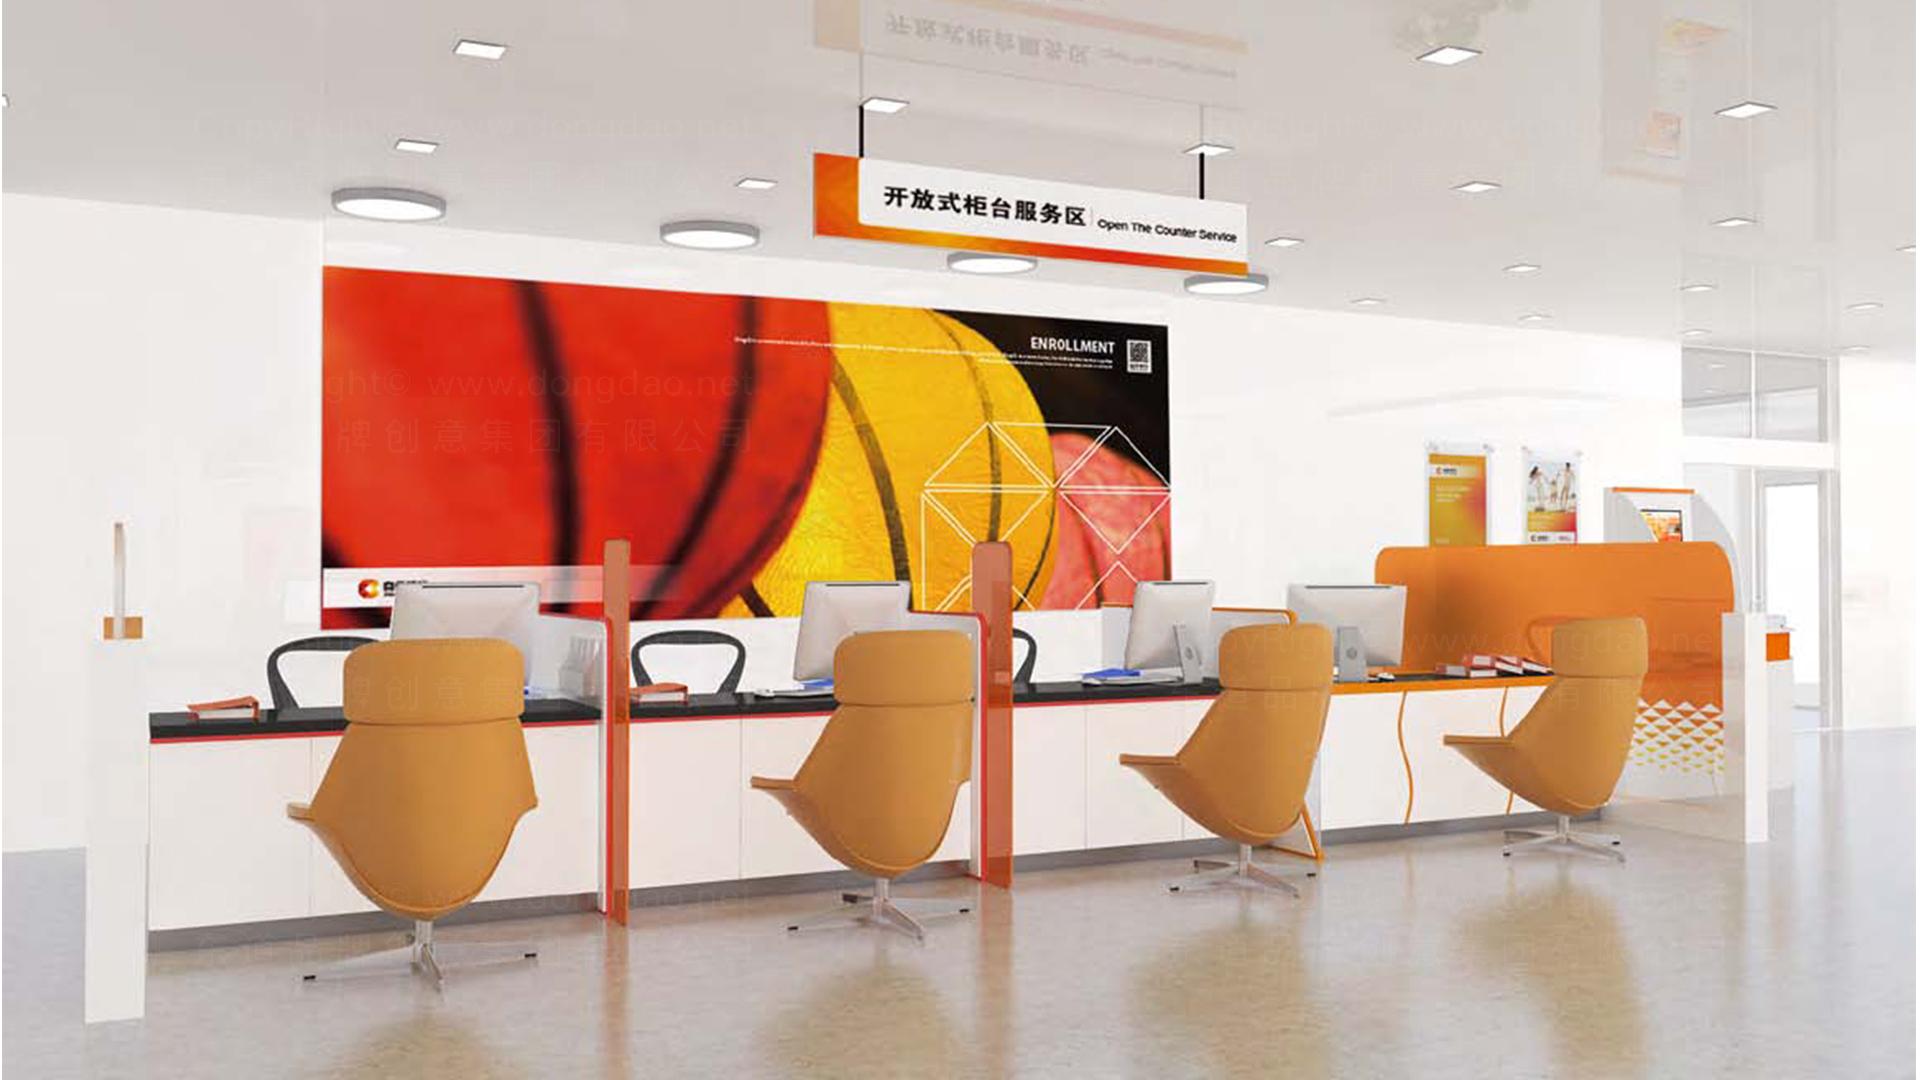 自贡商业银行银行网点SI设计应用